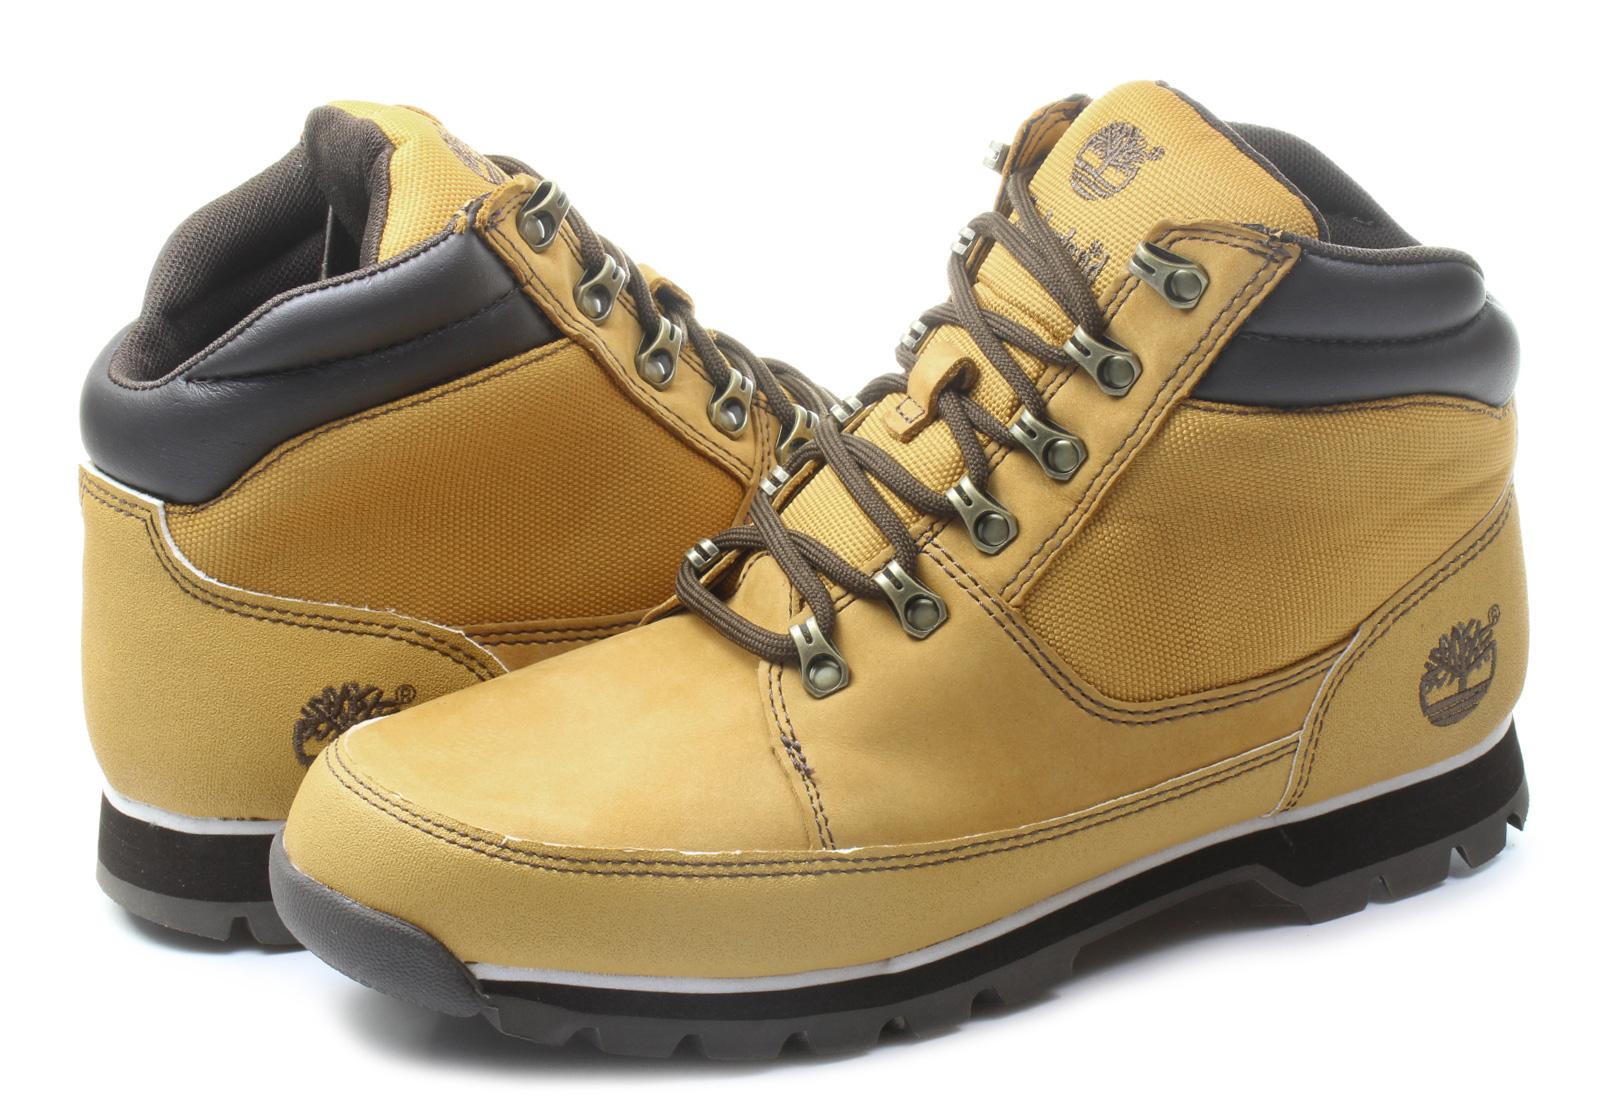 Timberland Topánky - Euro Sprint Hiker - 6703A-WHE - Tenisky ... 3e3f40a1ecc